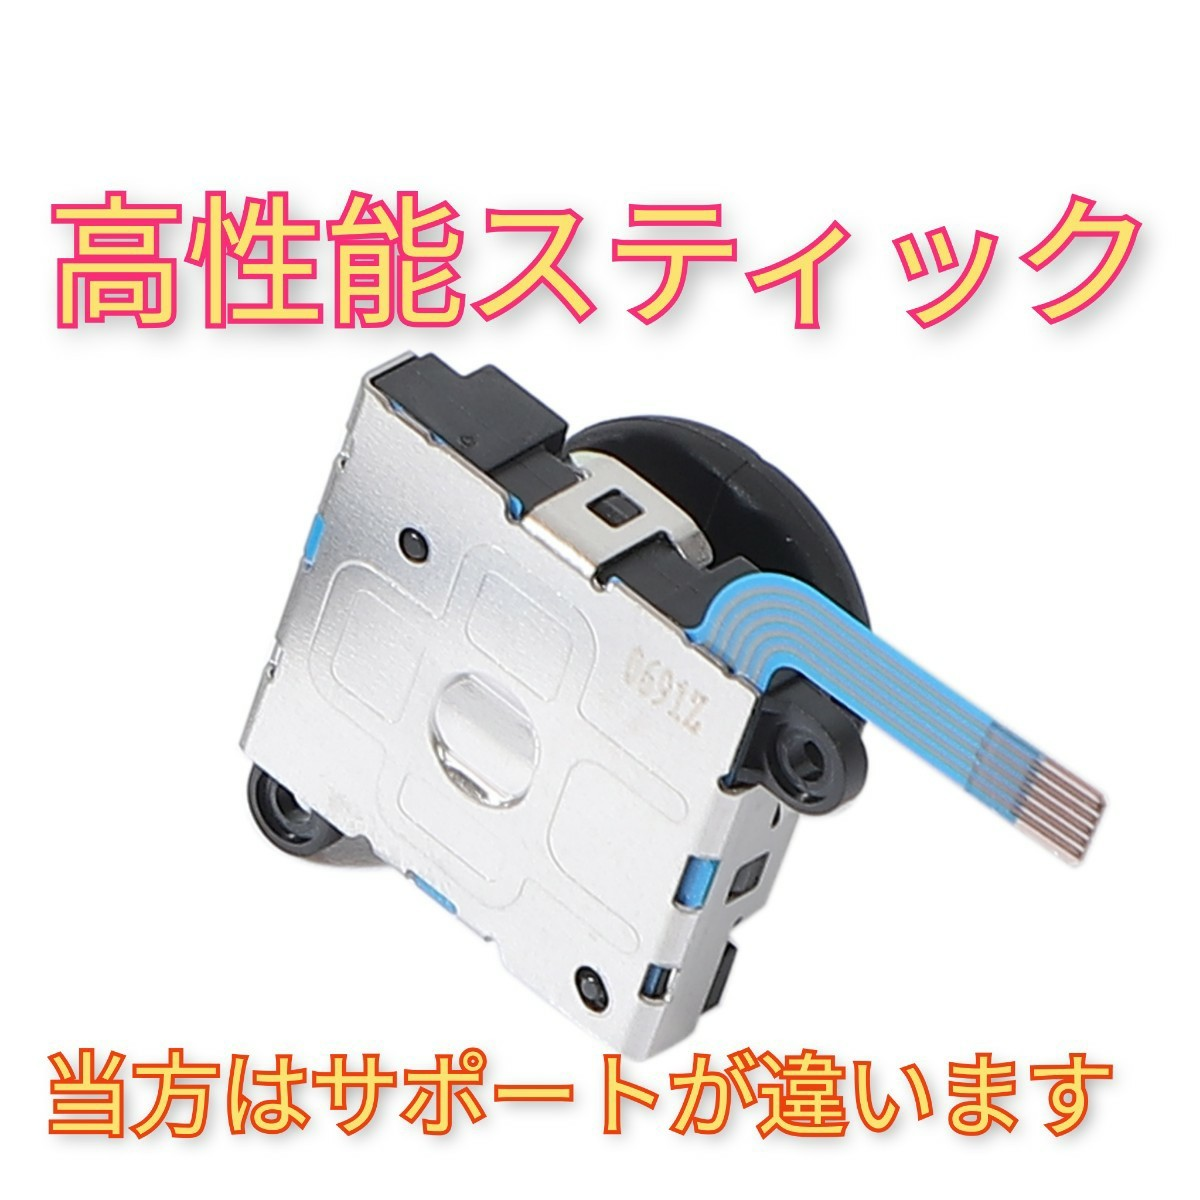 任天堂スイッチ ジョイコン修理キット 高性能スティック 第三世代!ロックバックル スプリング付き!スイッチライト対応